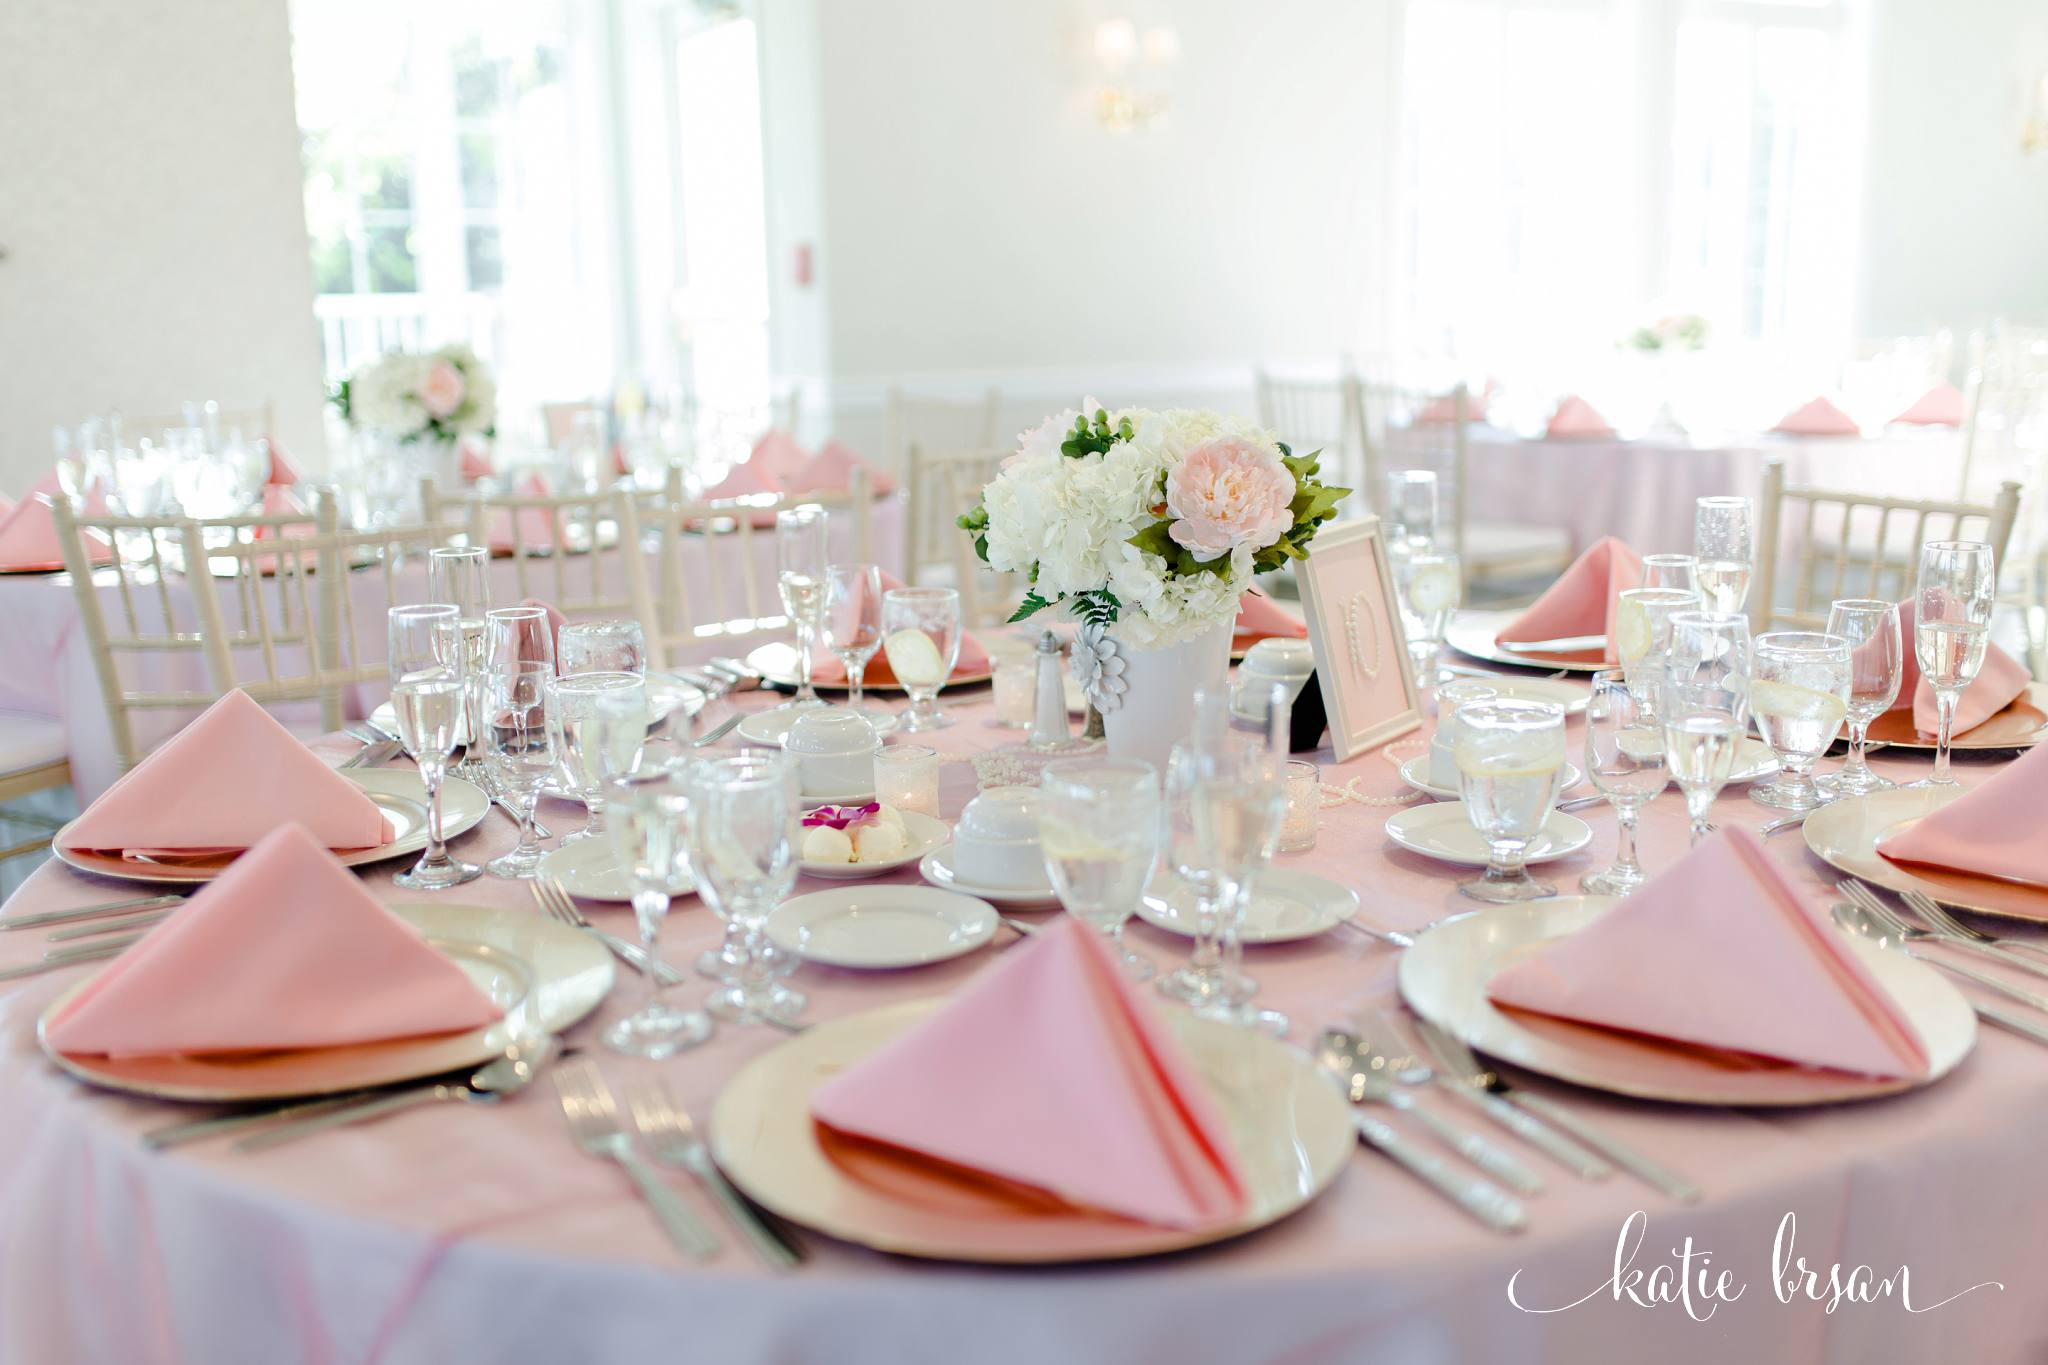 Mokena_Lemont_Wedding_Ruffled_Feathers_Wedding_1400.jpg